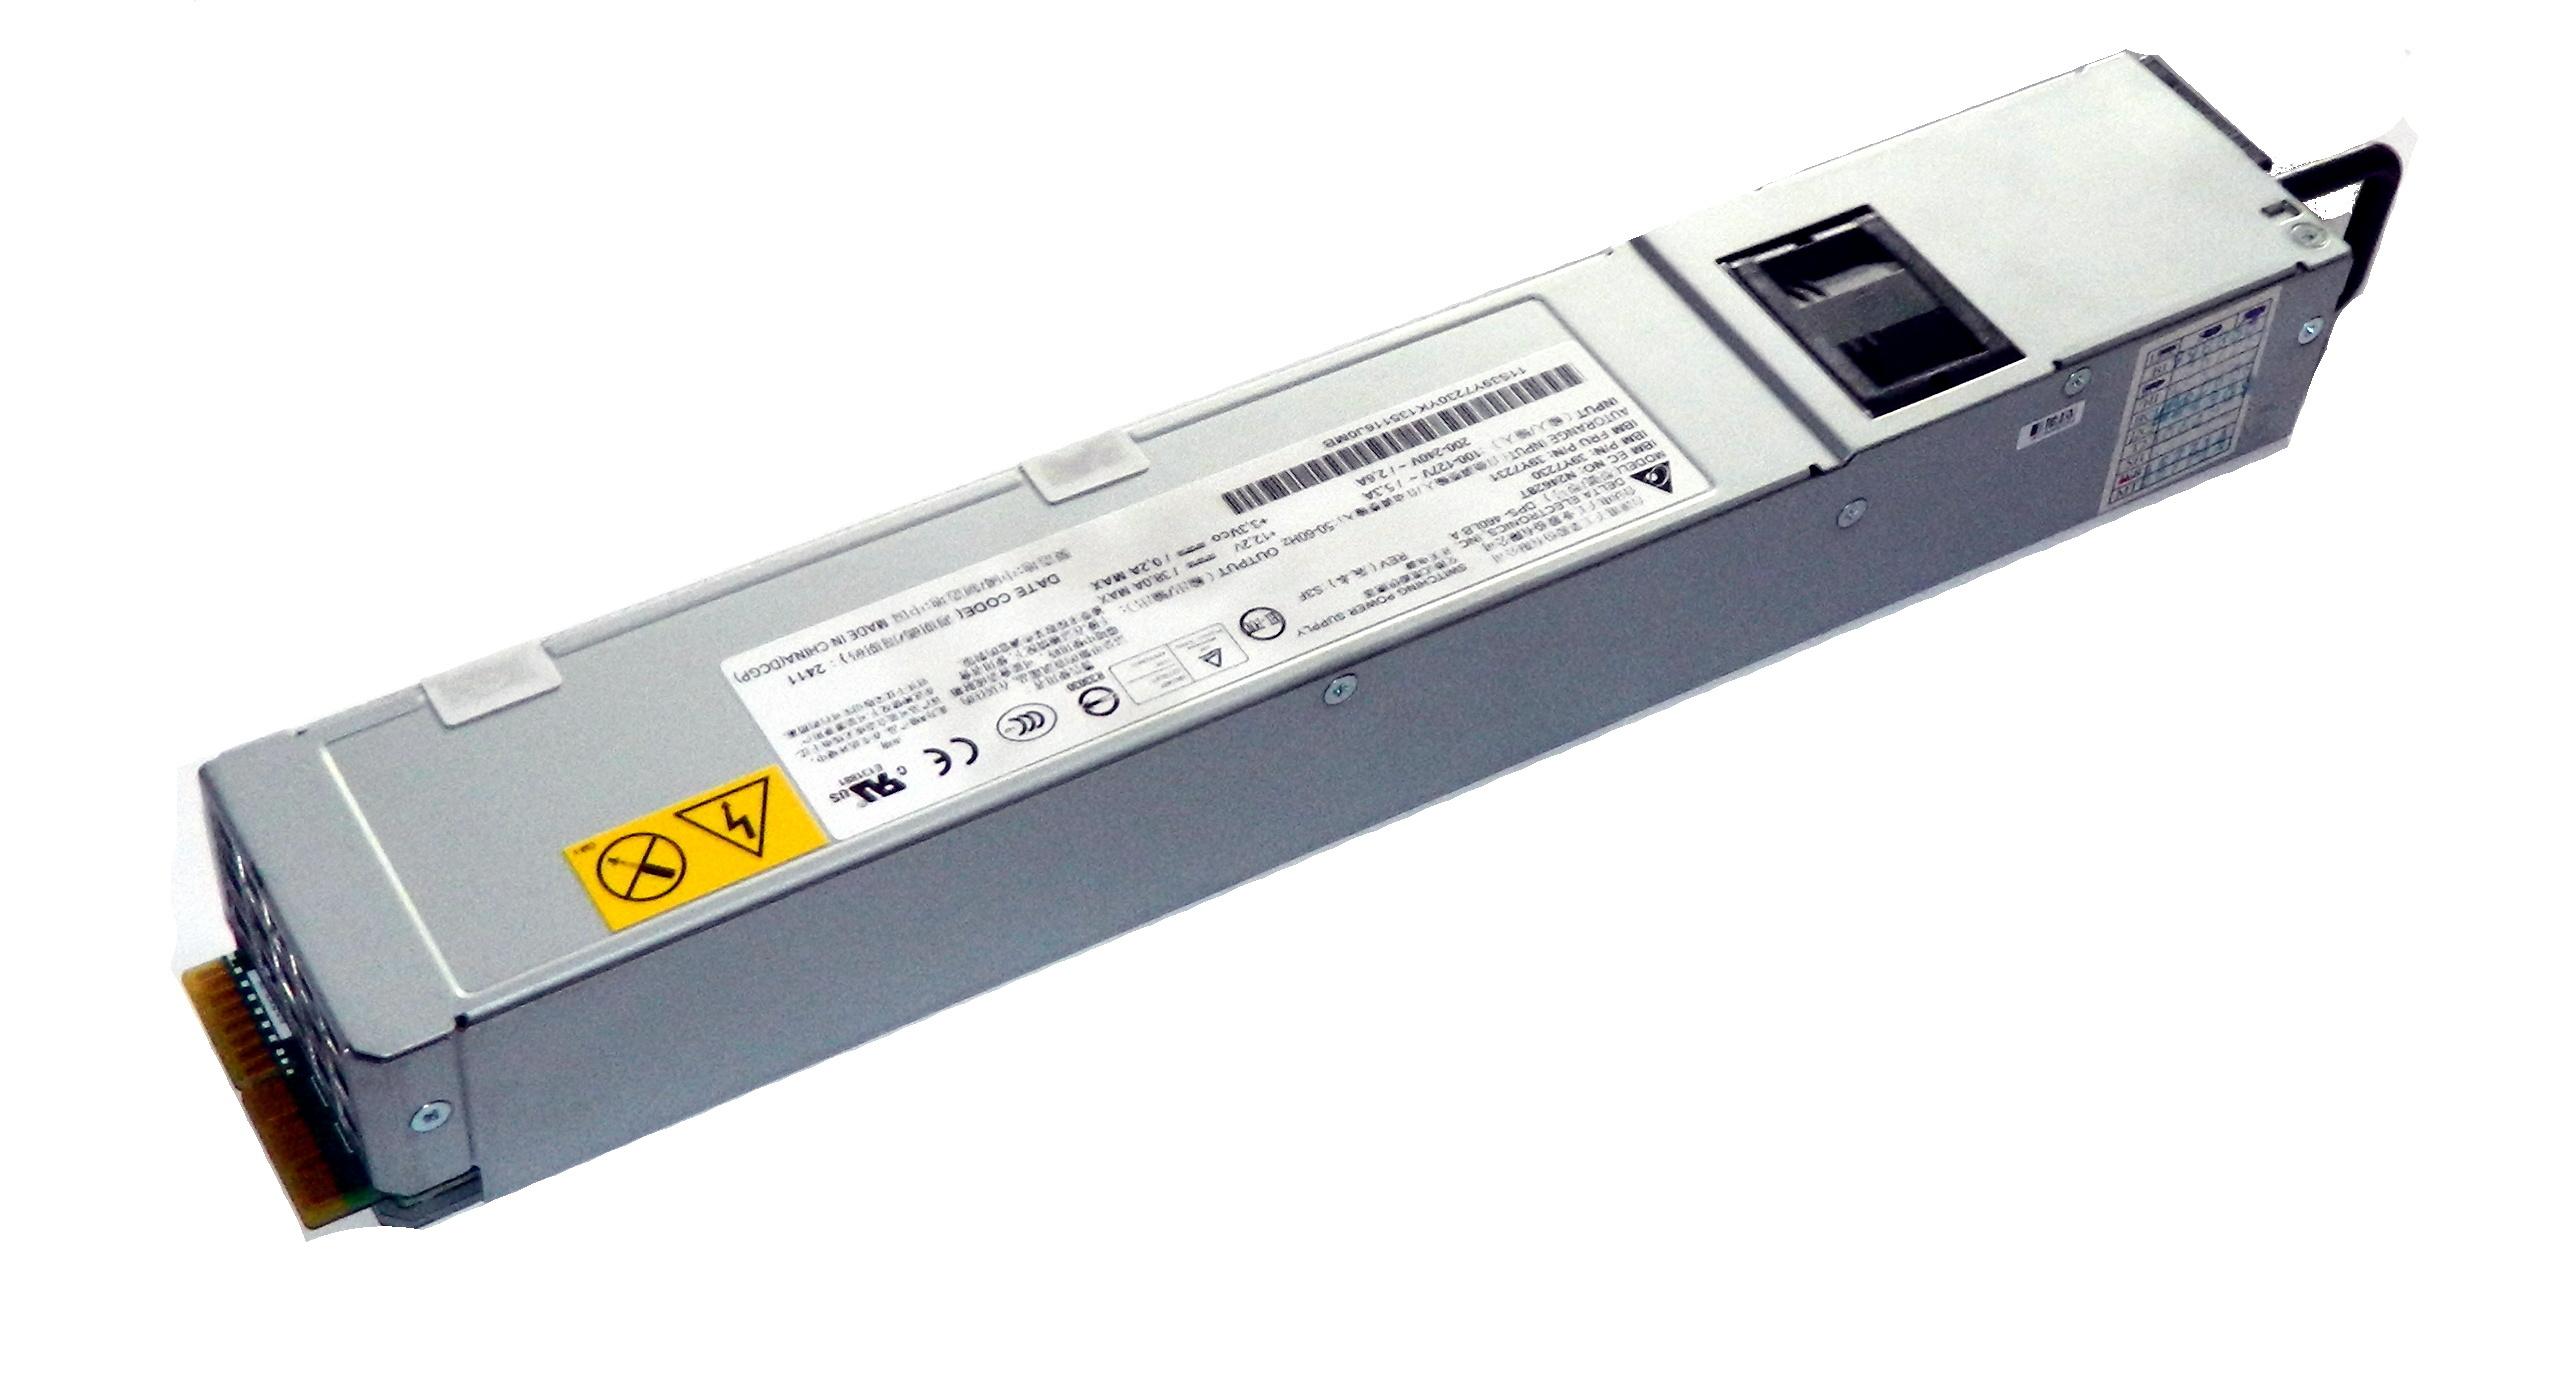 IBM 39Y7230 eServer x3650 M3 460W Redundant AC Power Supply | FRU 39Y7231